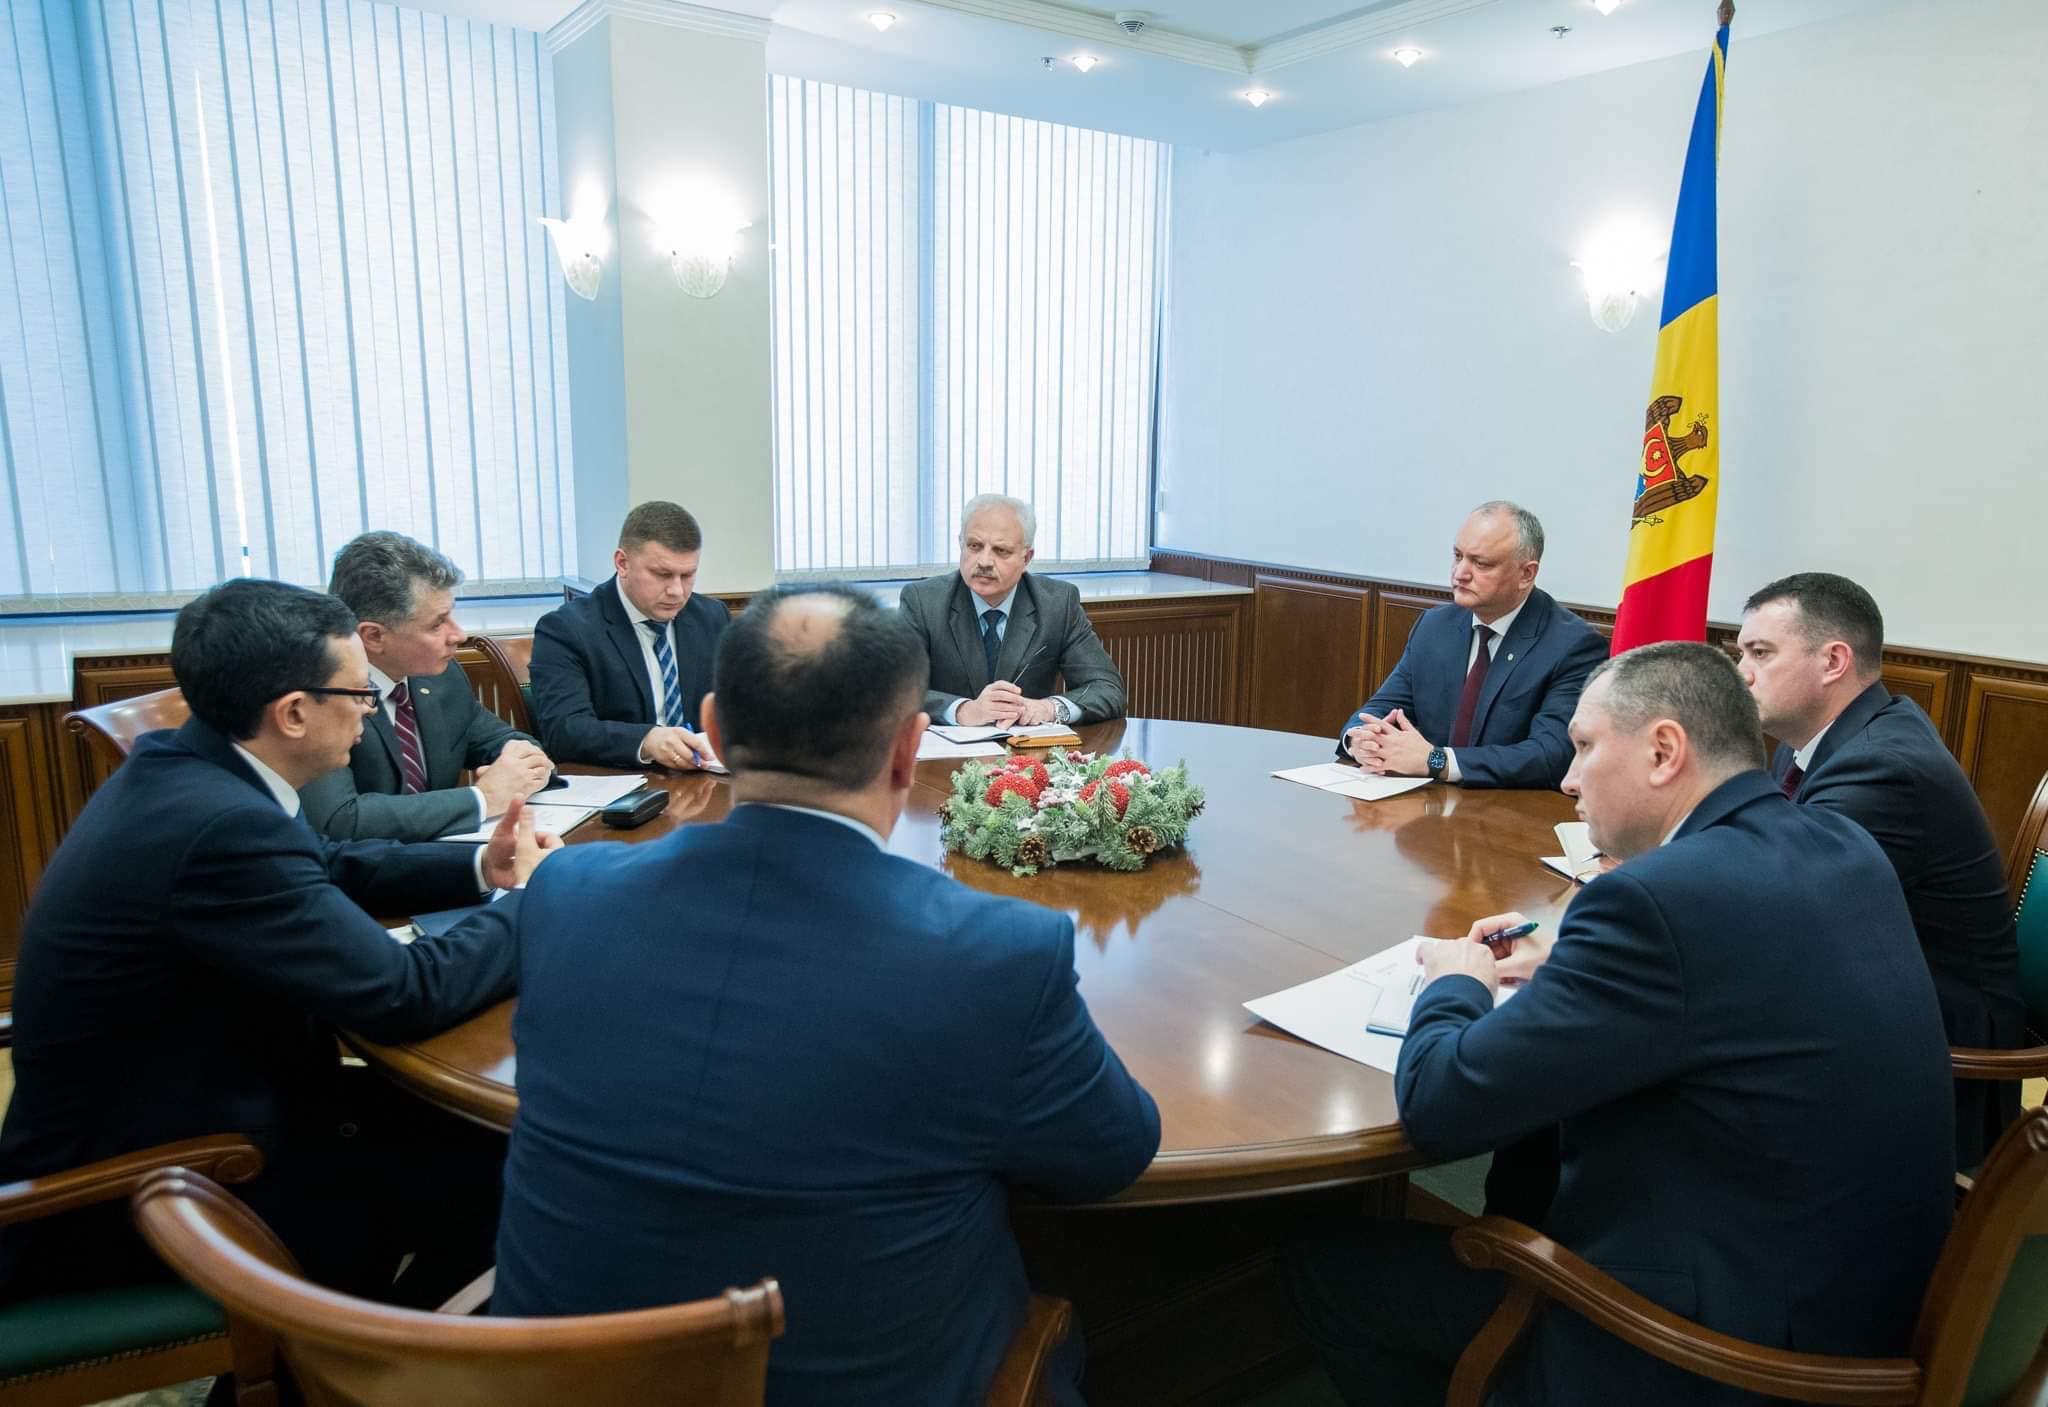 Деятельность экономических агентов из приднестровского региона и их взаимоотношения с коммерческими банками страны – в поле зрения президента (ФОТО, ВИДЕО)